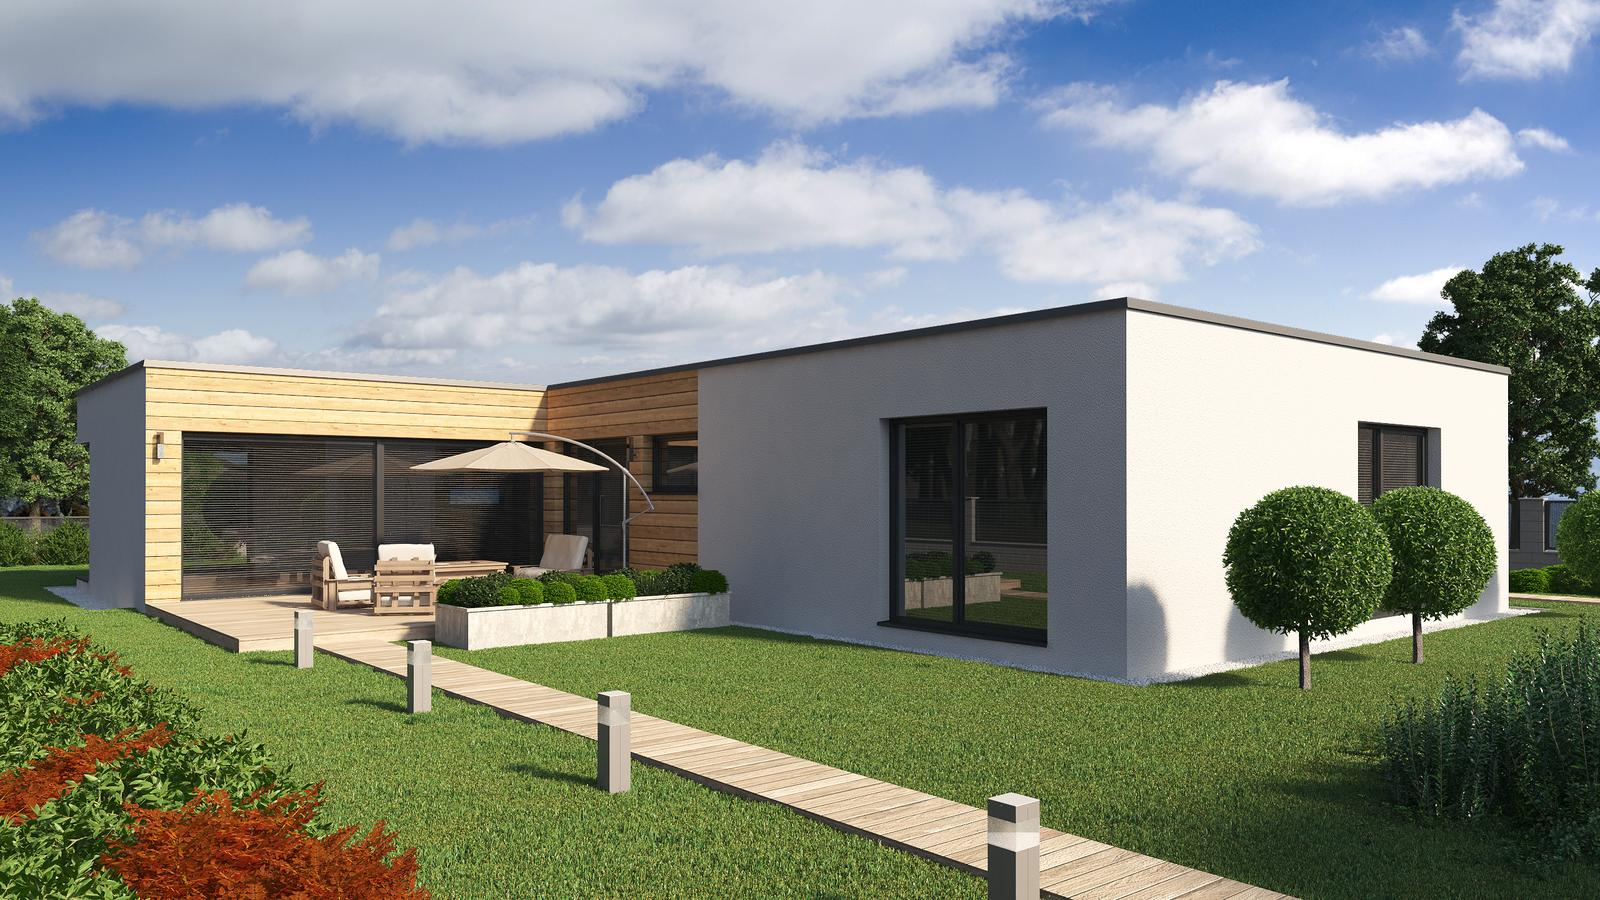 Ďalšie ukážky návrhov domčekov pre Vás - www.rodinny-dom.eu - Obrázok č. 34